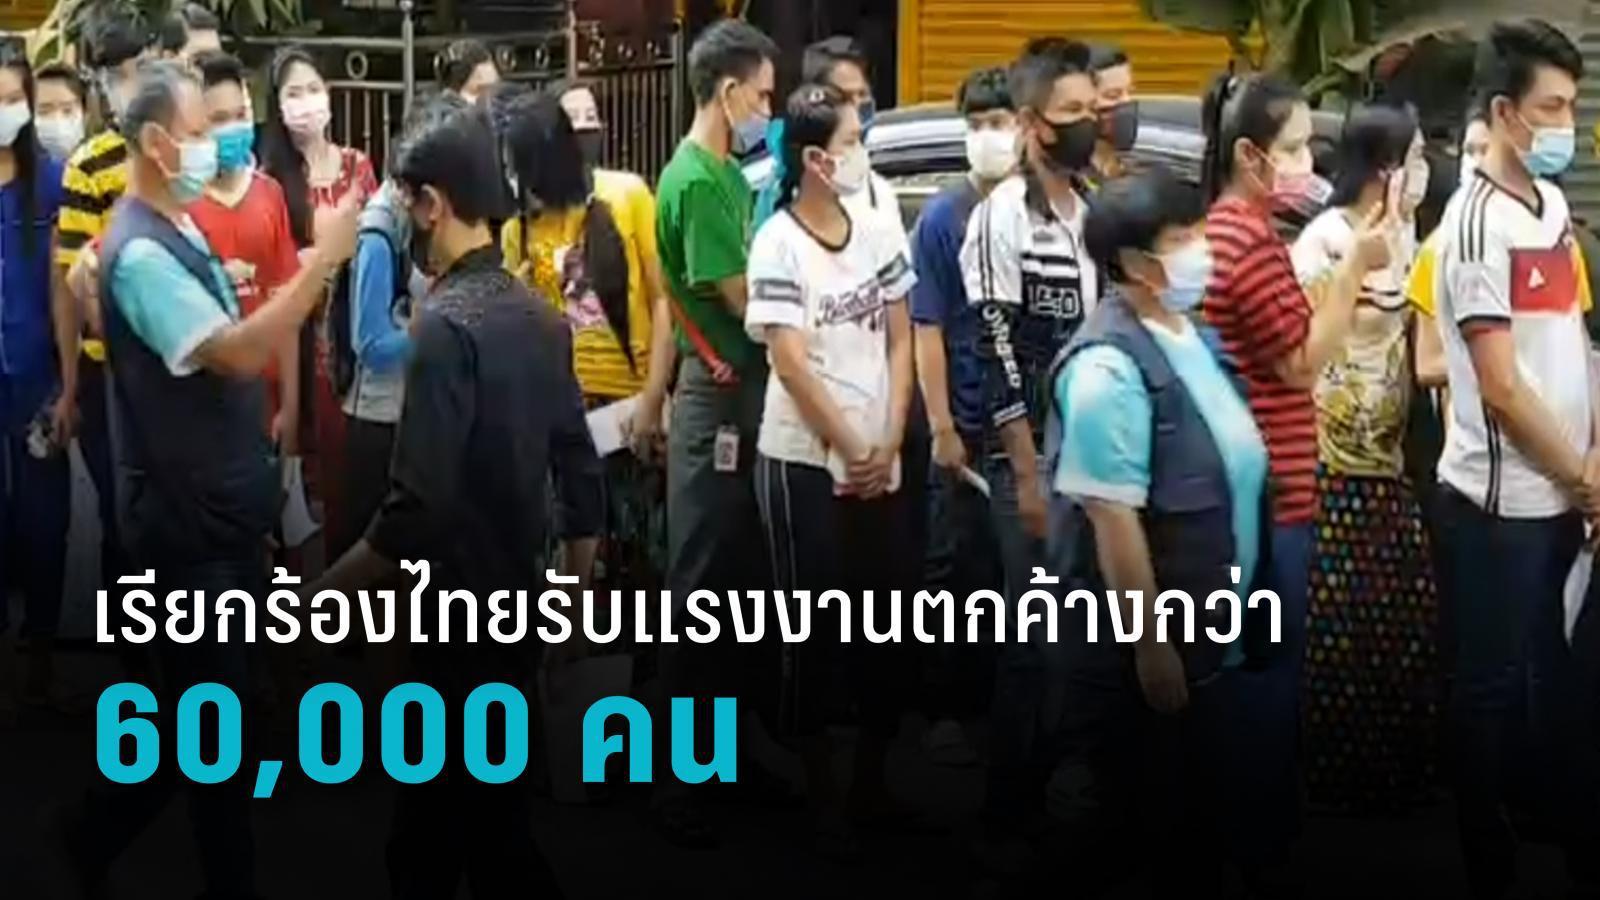 """องค์การแรงงานเมียนมาเรียกร้องรัฐบาลไทย """"รับแรงงานเข้าประเทศกว่า 60,000 คน"""""""